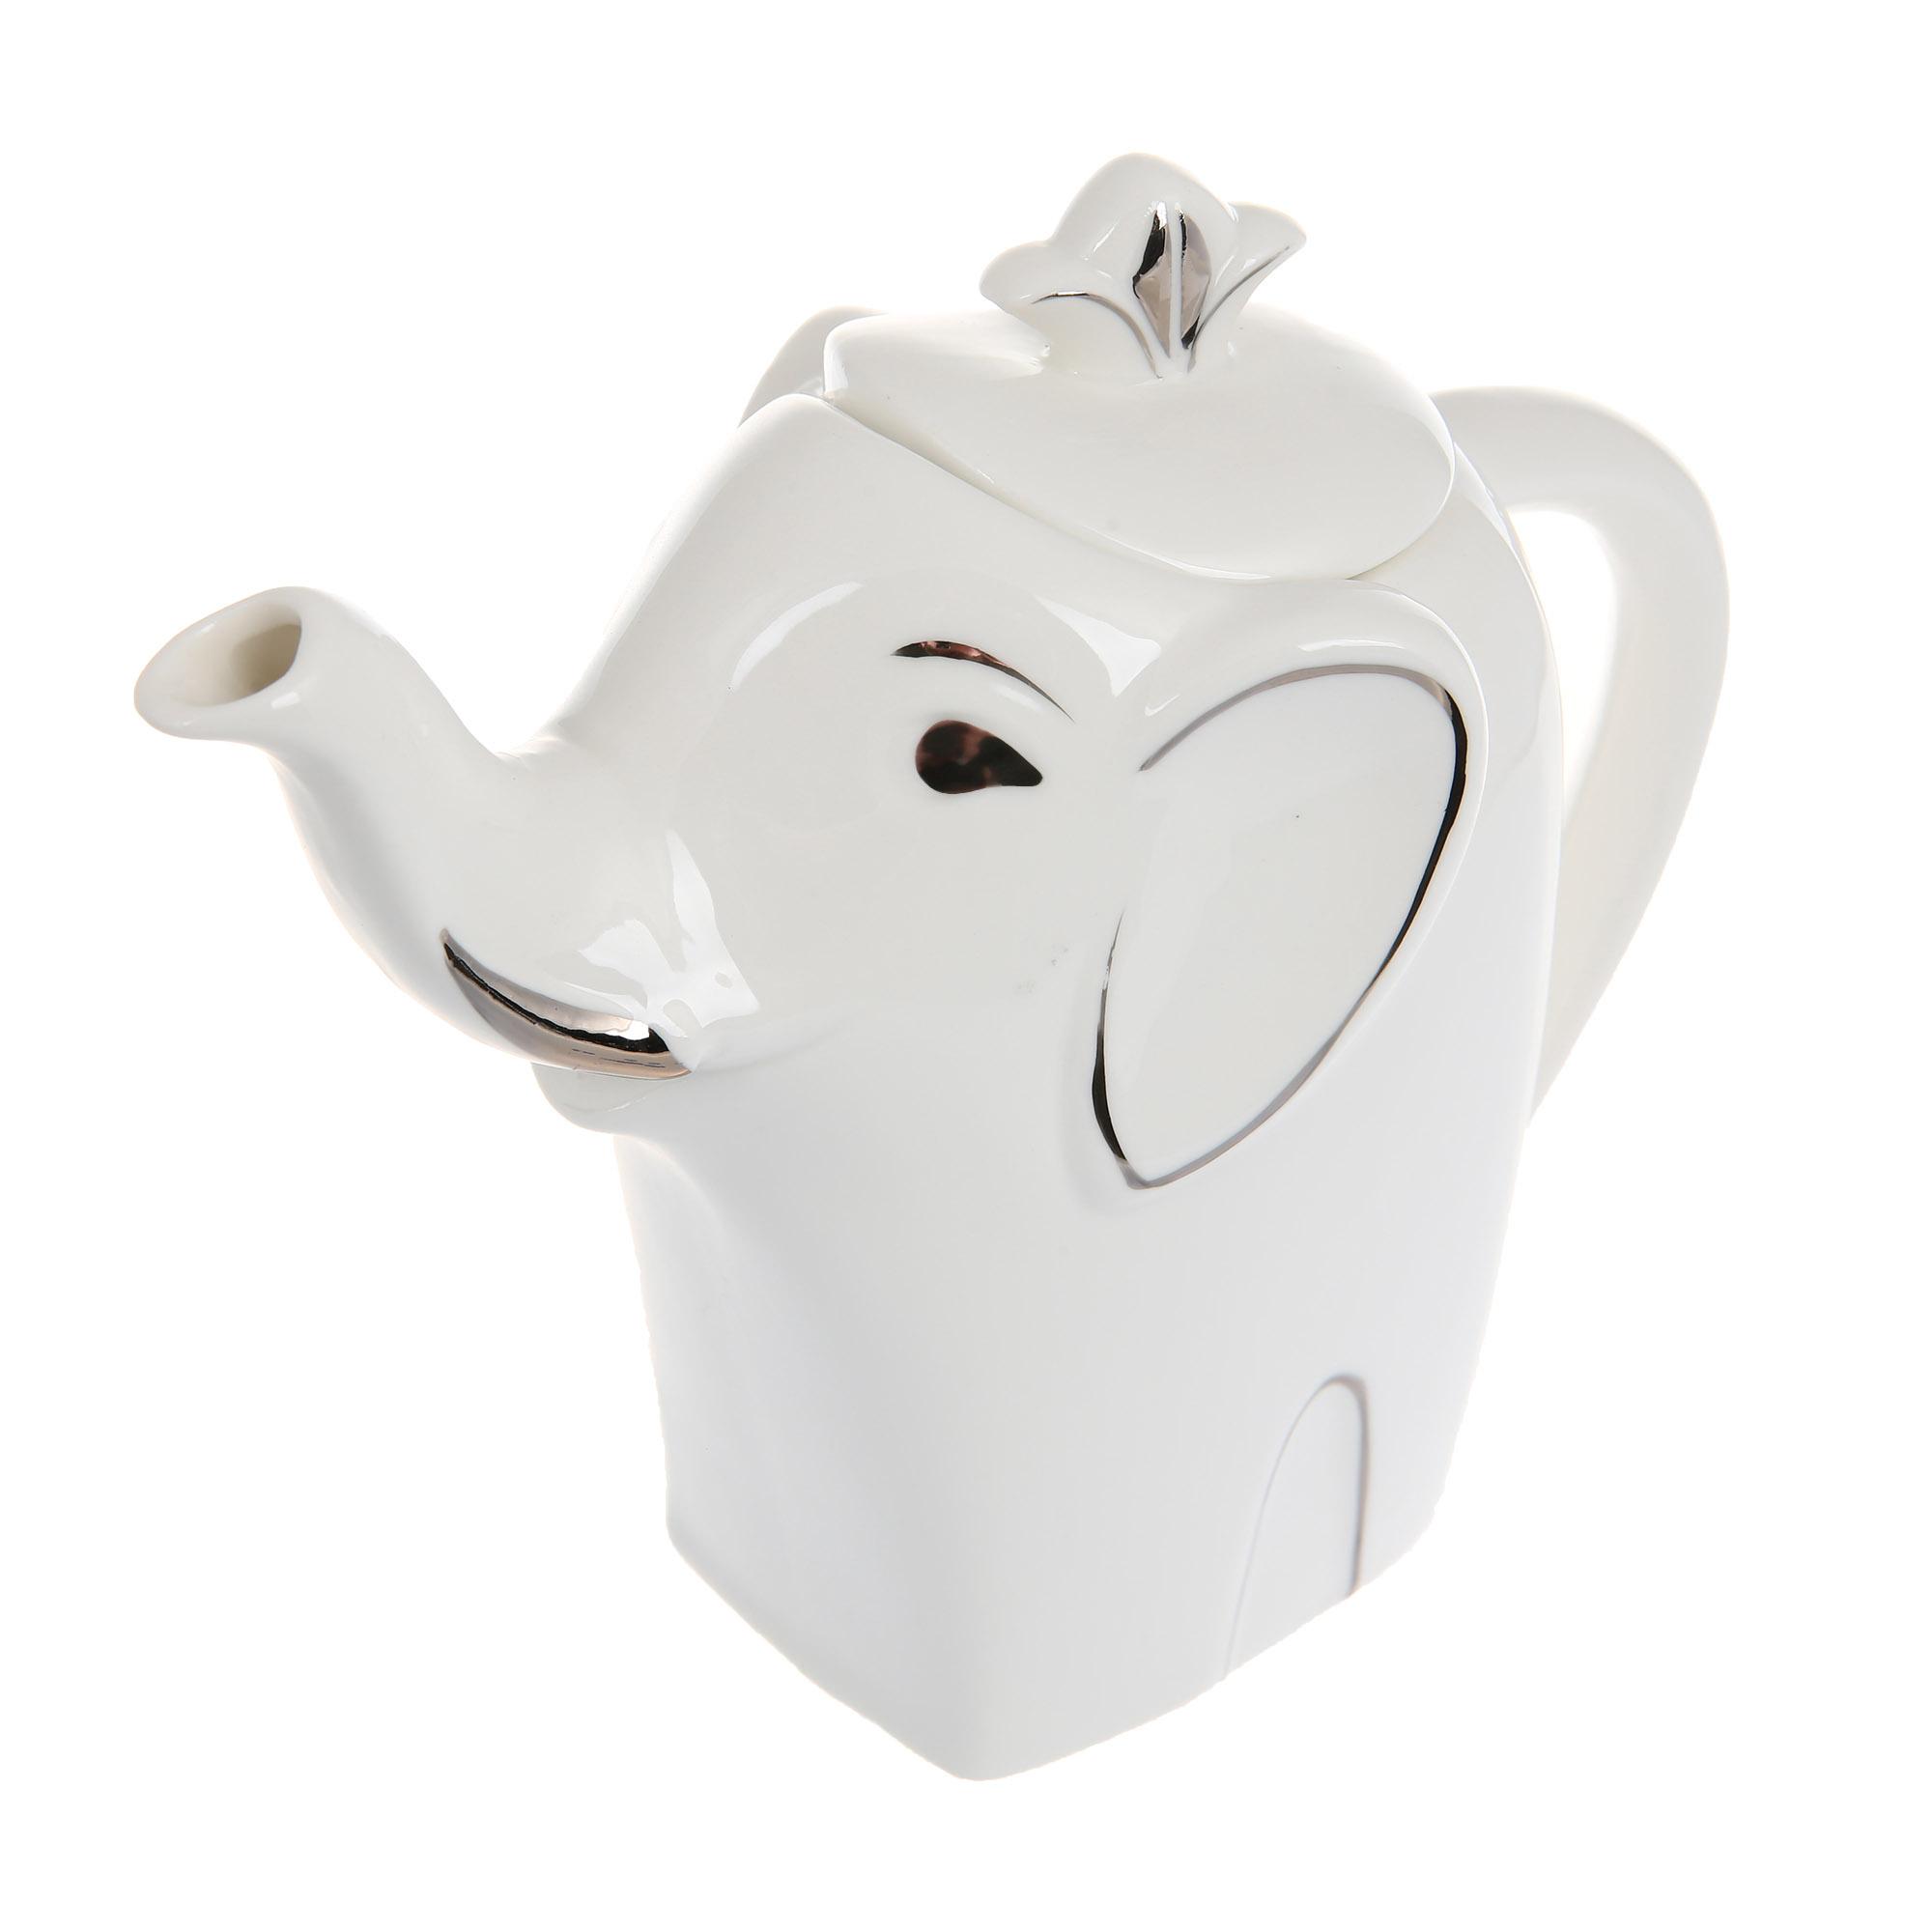 Чай черный подарочный Hilltop Чайник Слон серебро 80 г чай hilltop коллекция 50г черный слон керамика